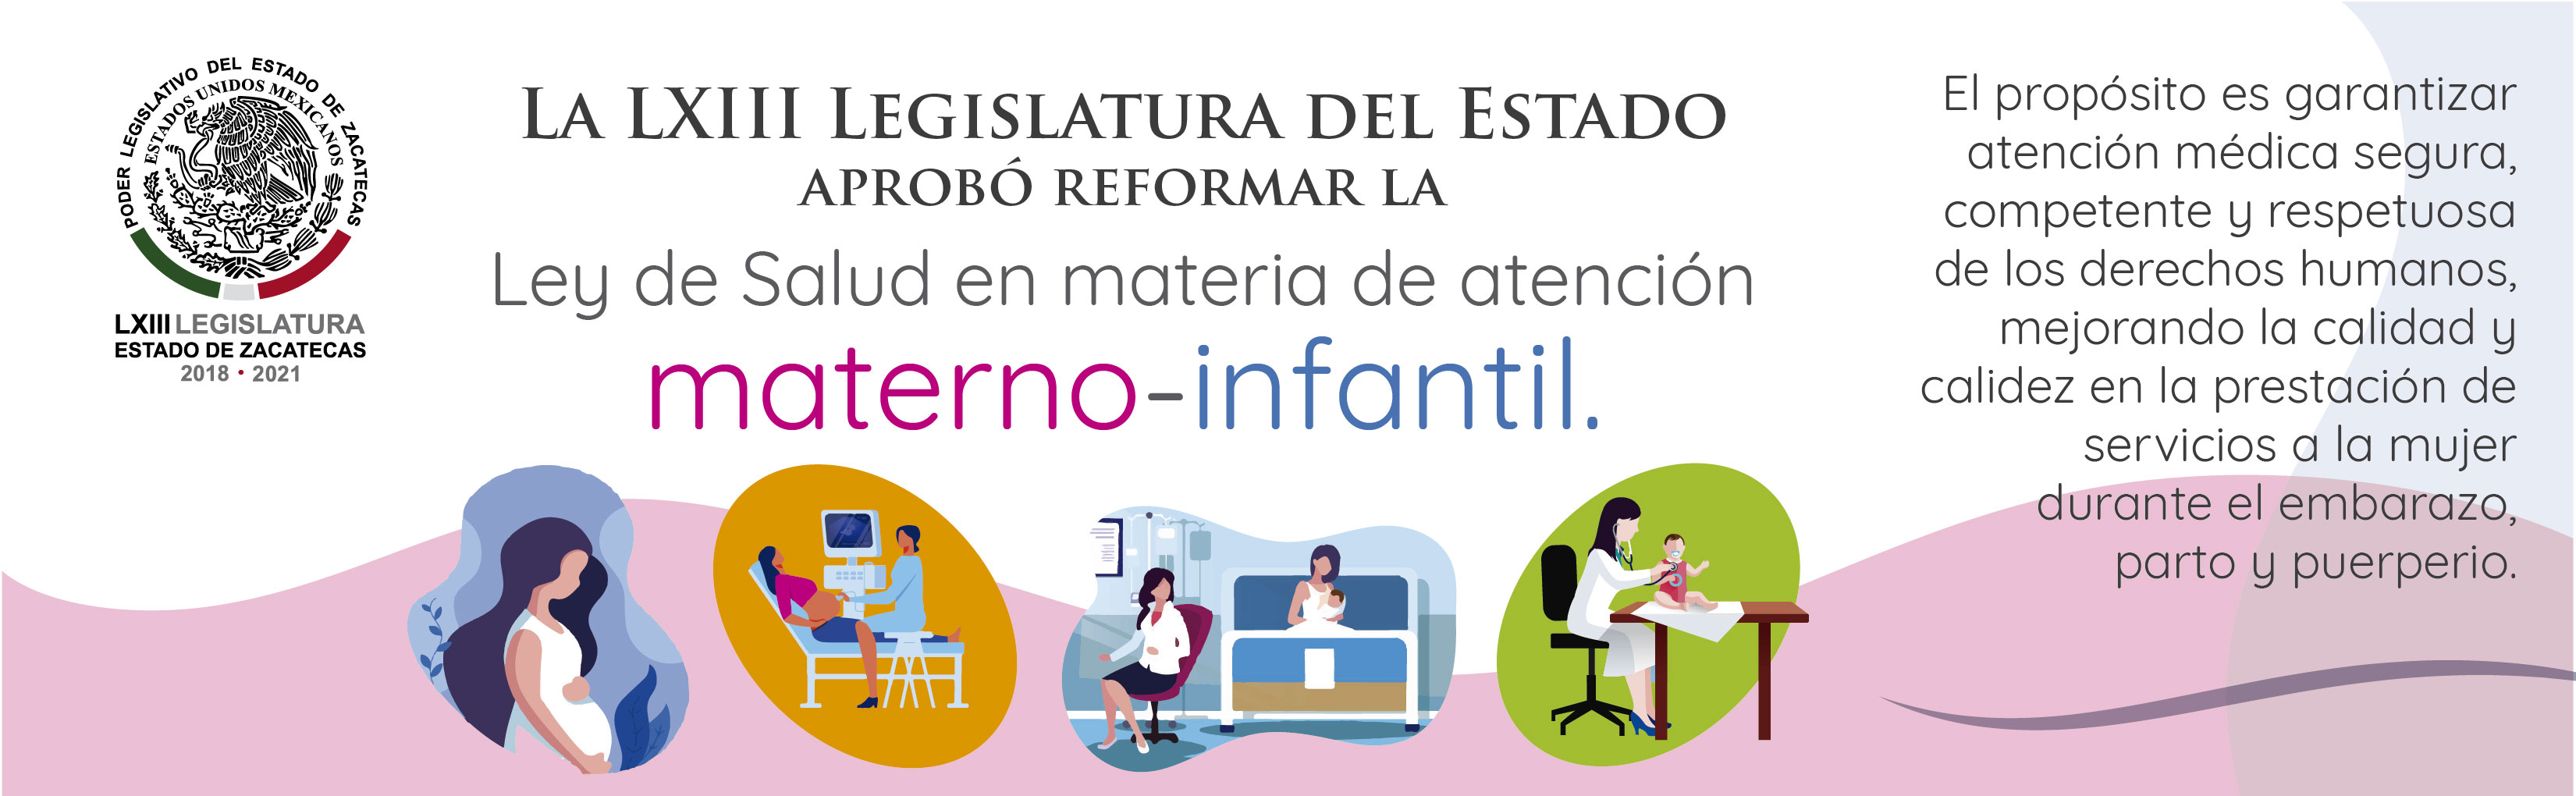 https://www.congresozac.gob.mx/63/inicio